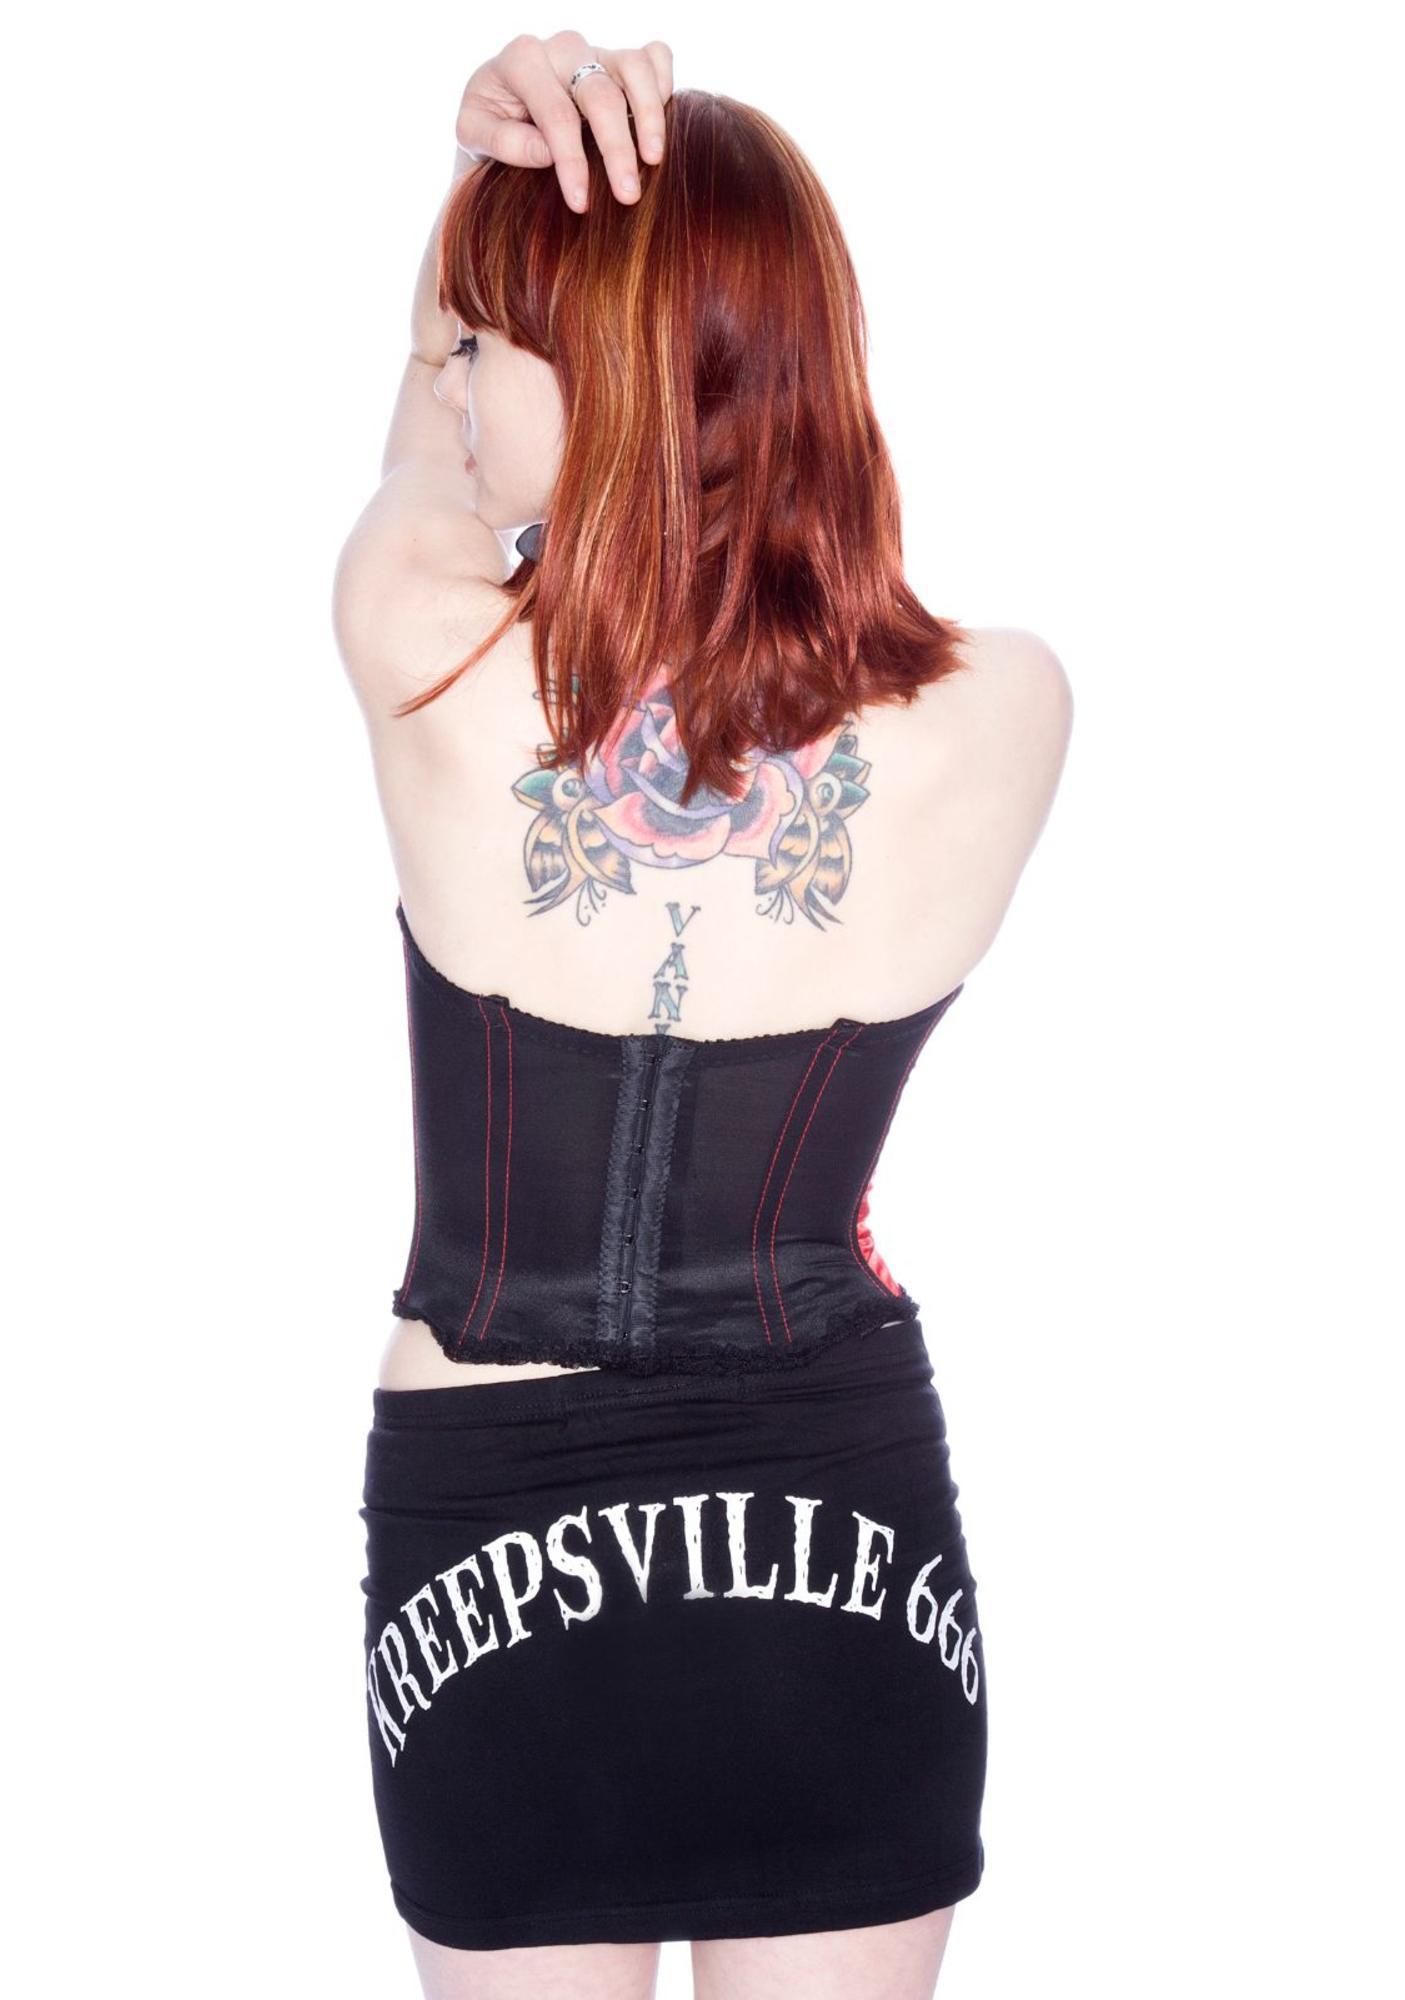 Kreepsville 666 Skelli Bone Mini Skirt